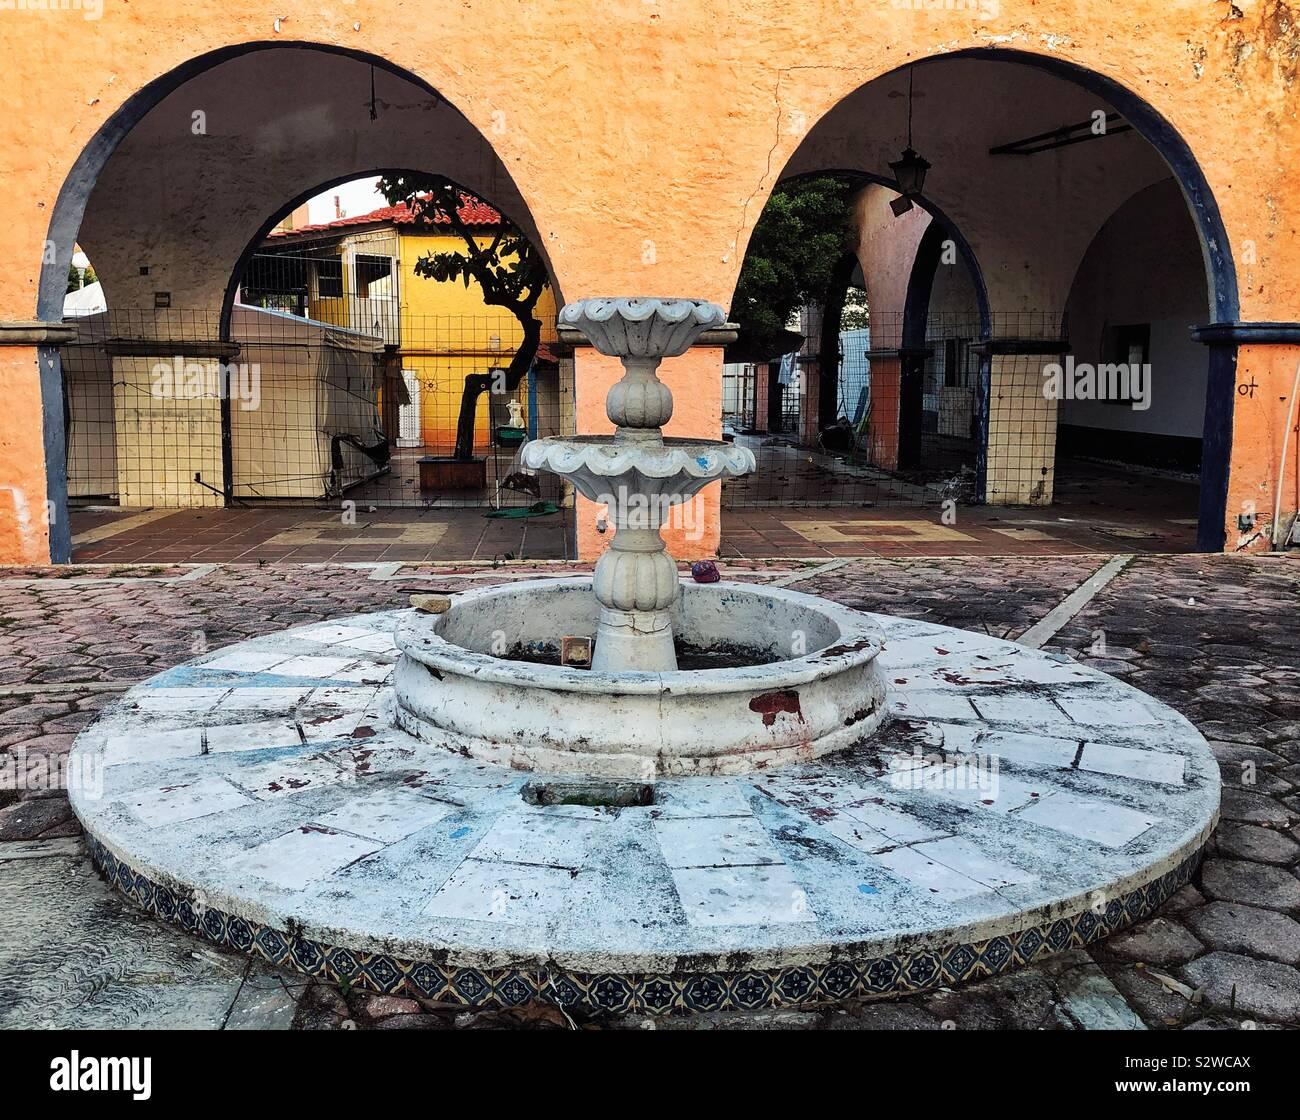 Zurückgelassenes Eigentum in Cancun, Mexiko Stockfoto